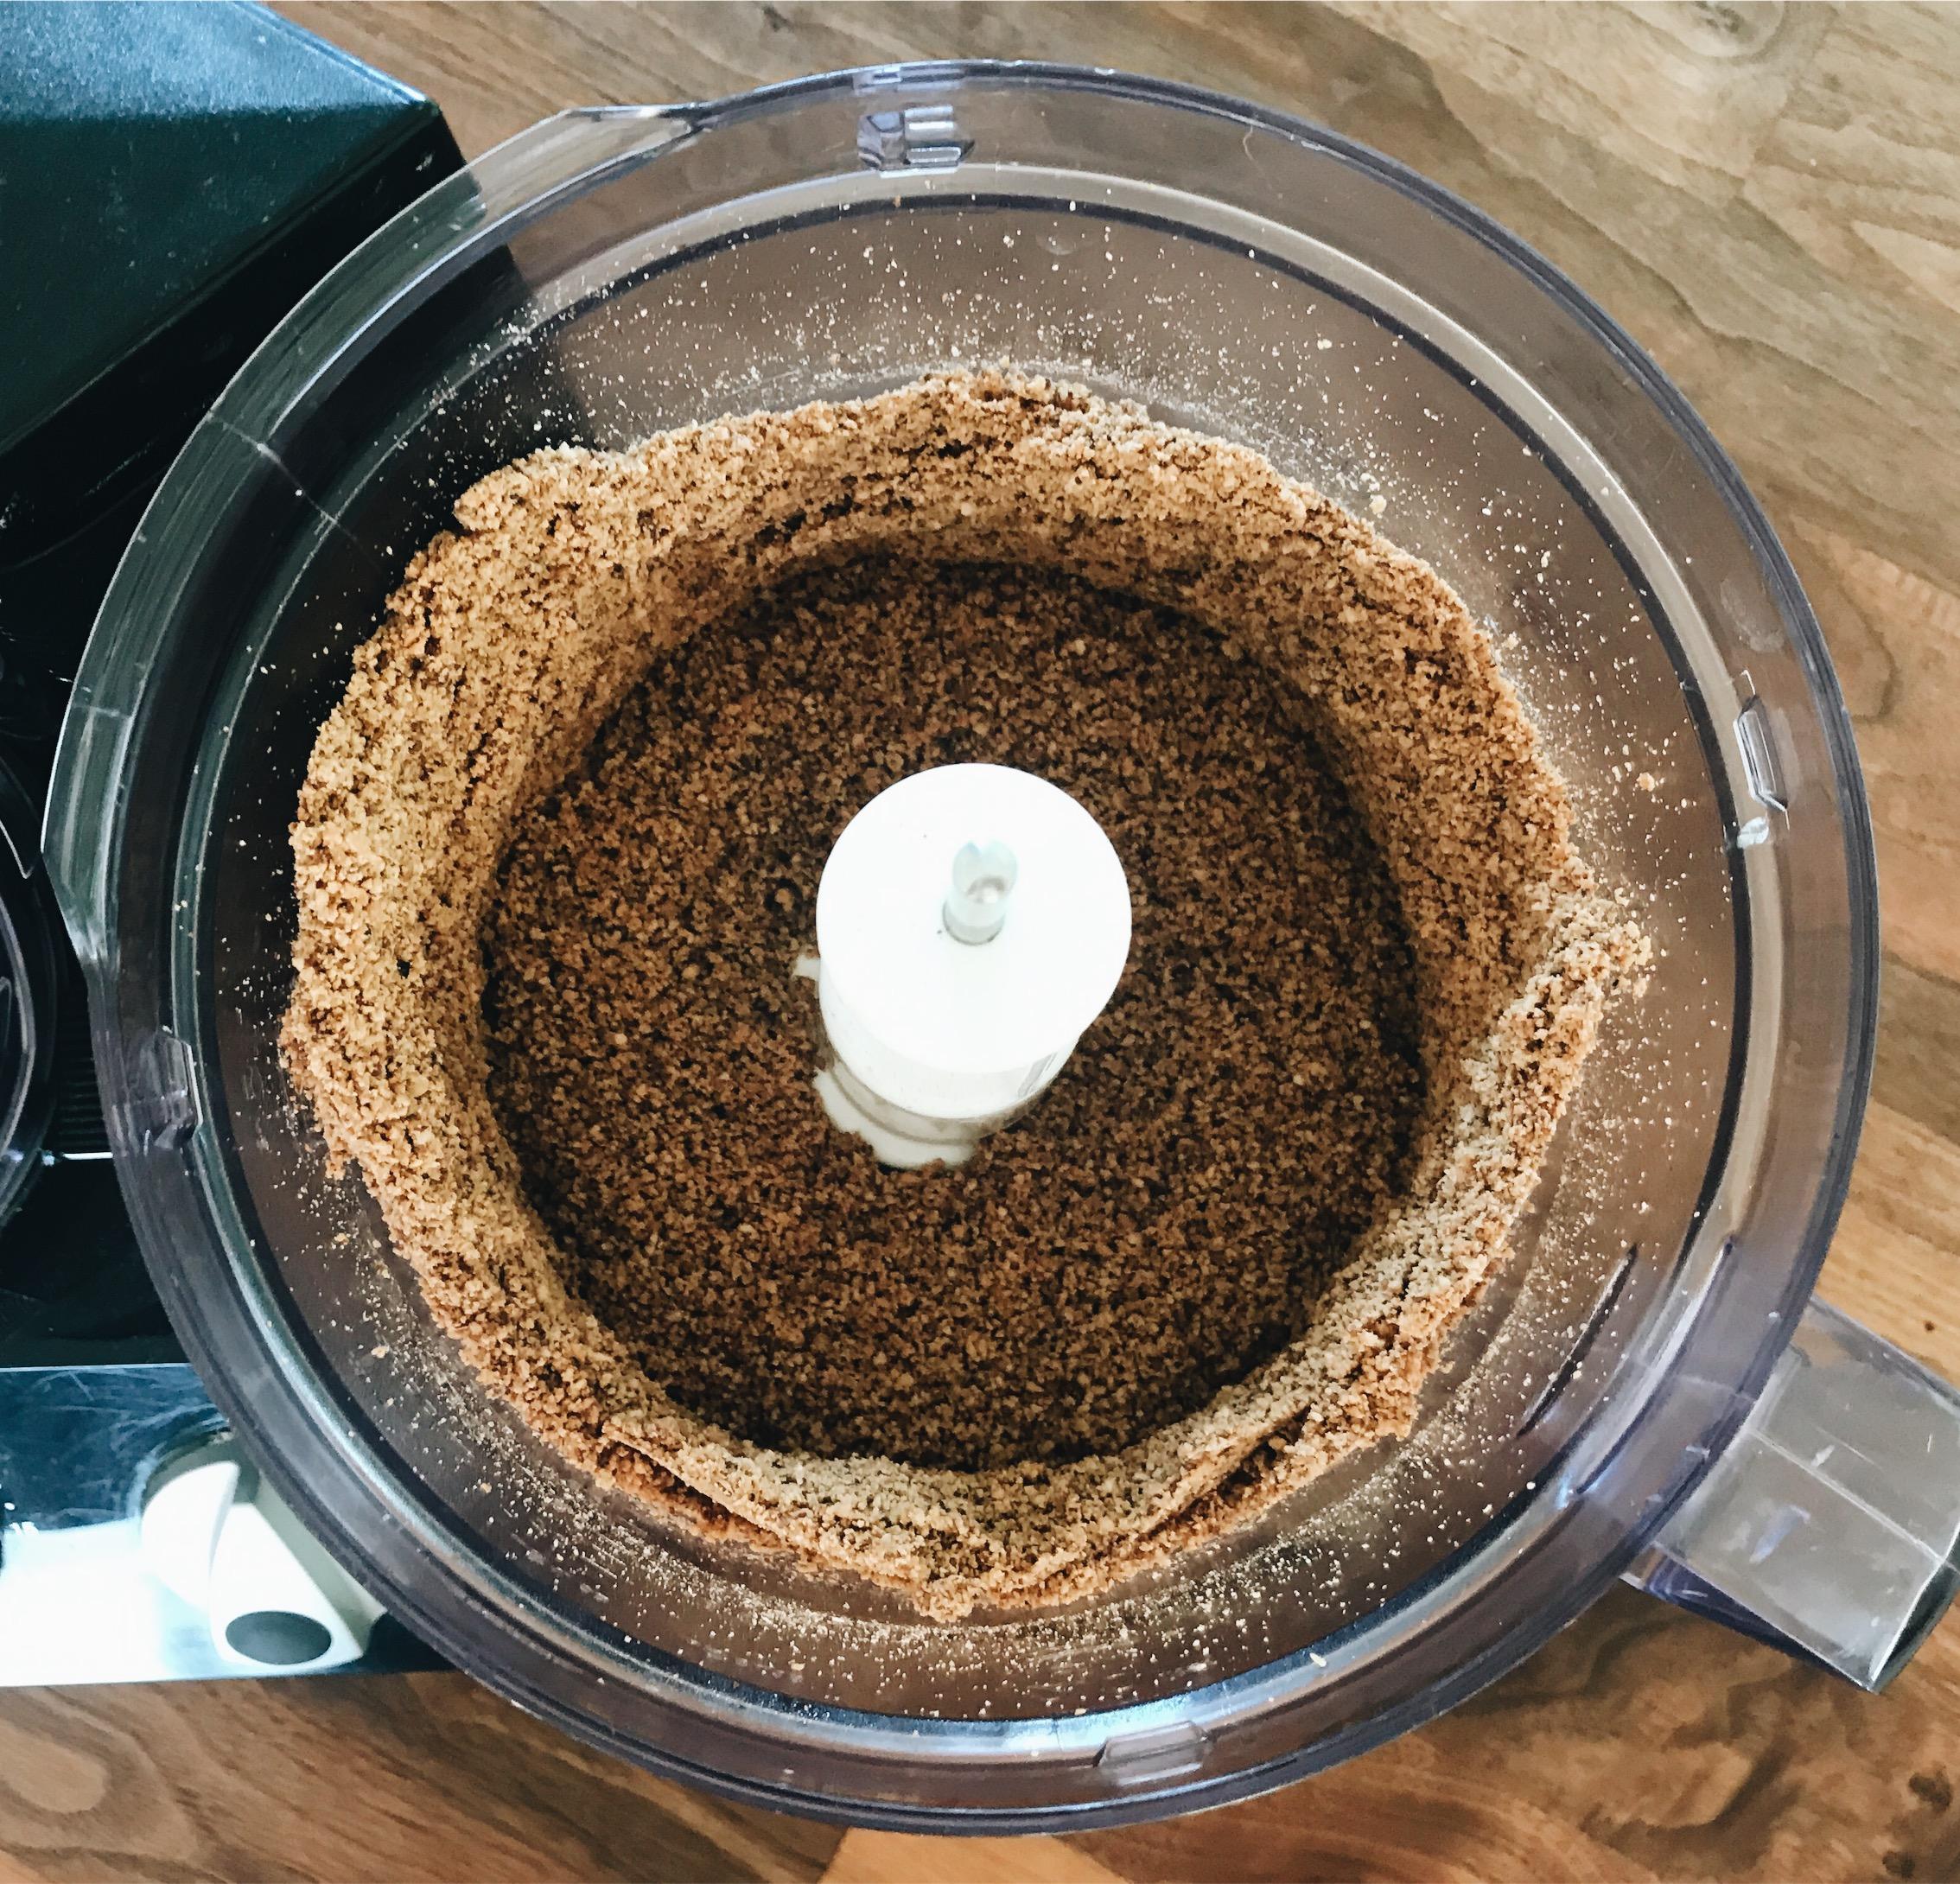 opskrift hjemmelavet nøddesmør med chiafrø, kakaonibs og hampefrø